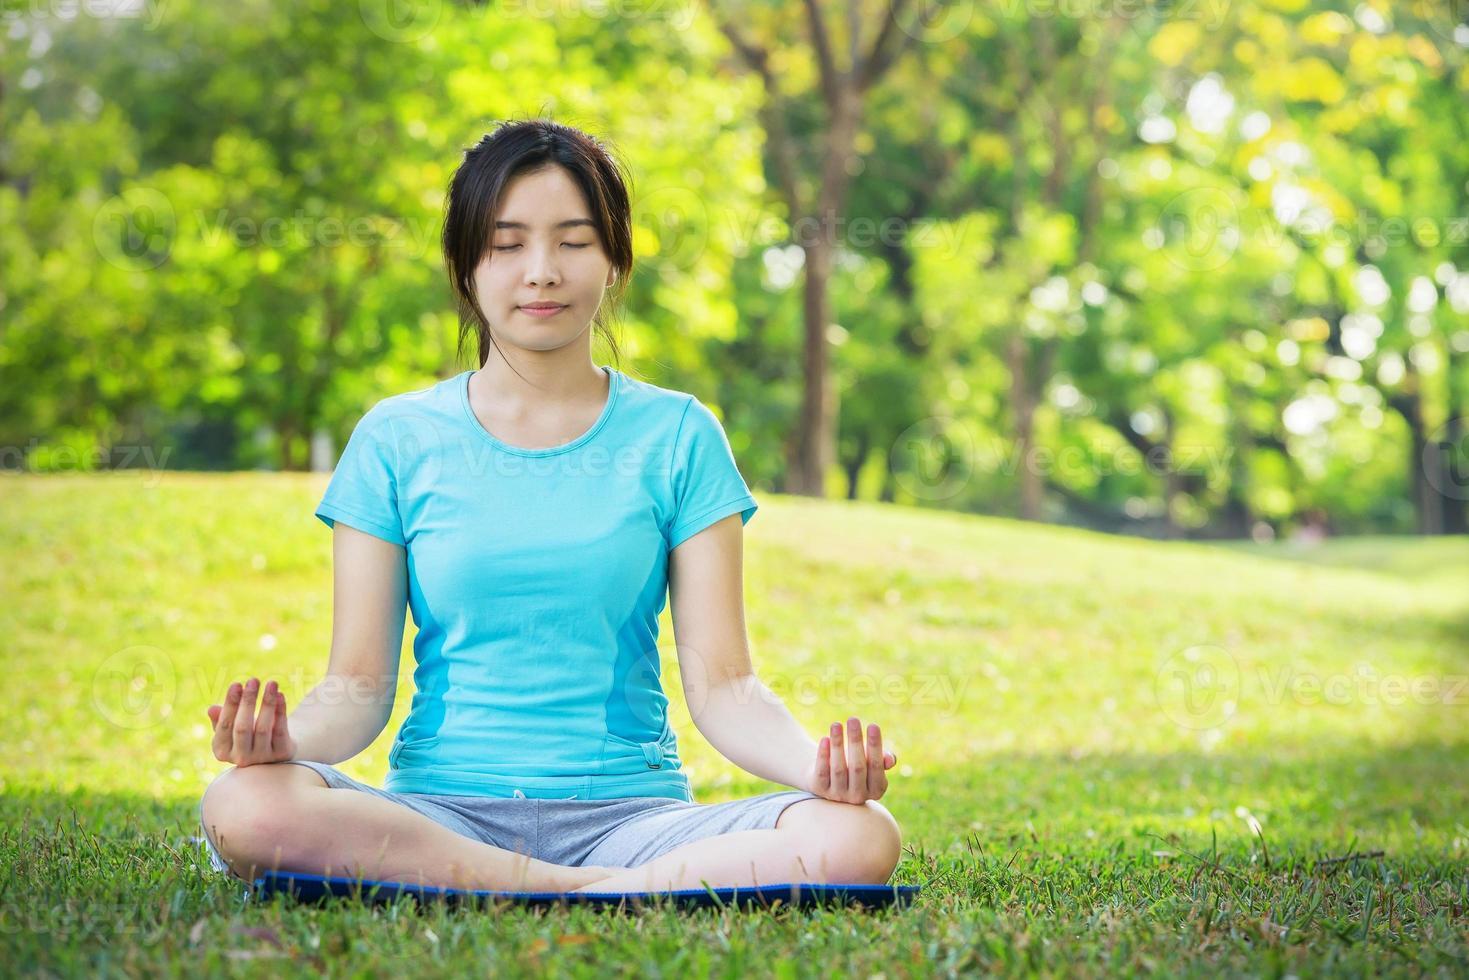 jonge vrouw die yogaoefeningen doet openlucht foto